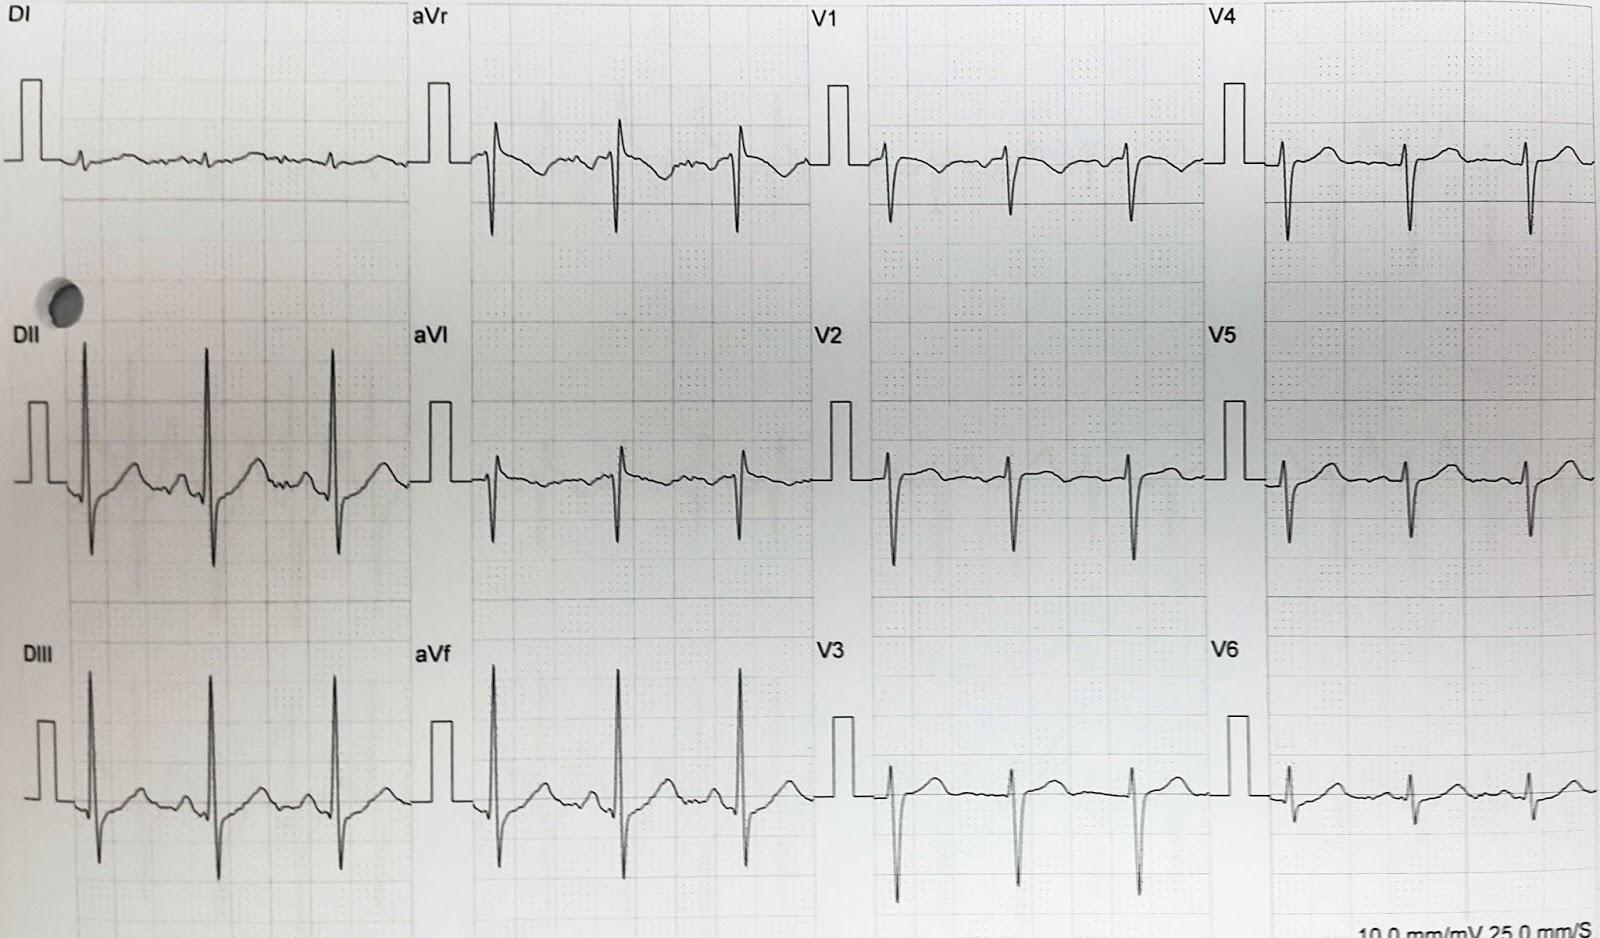 Definición de hipertensión septal asimétrica hipertrofia